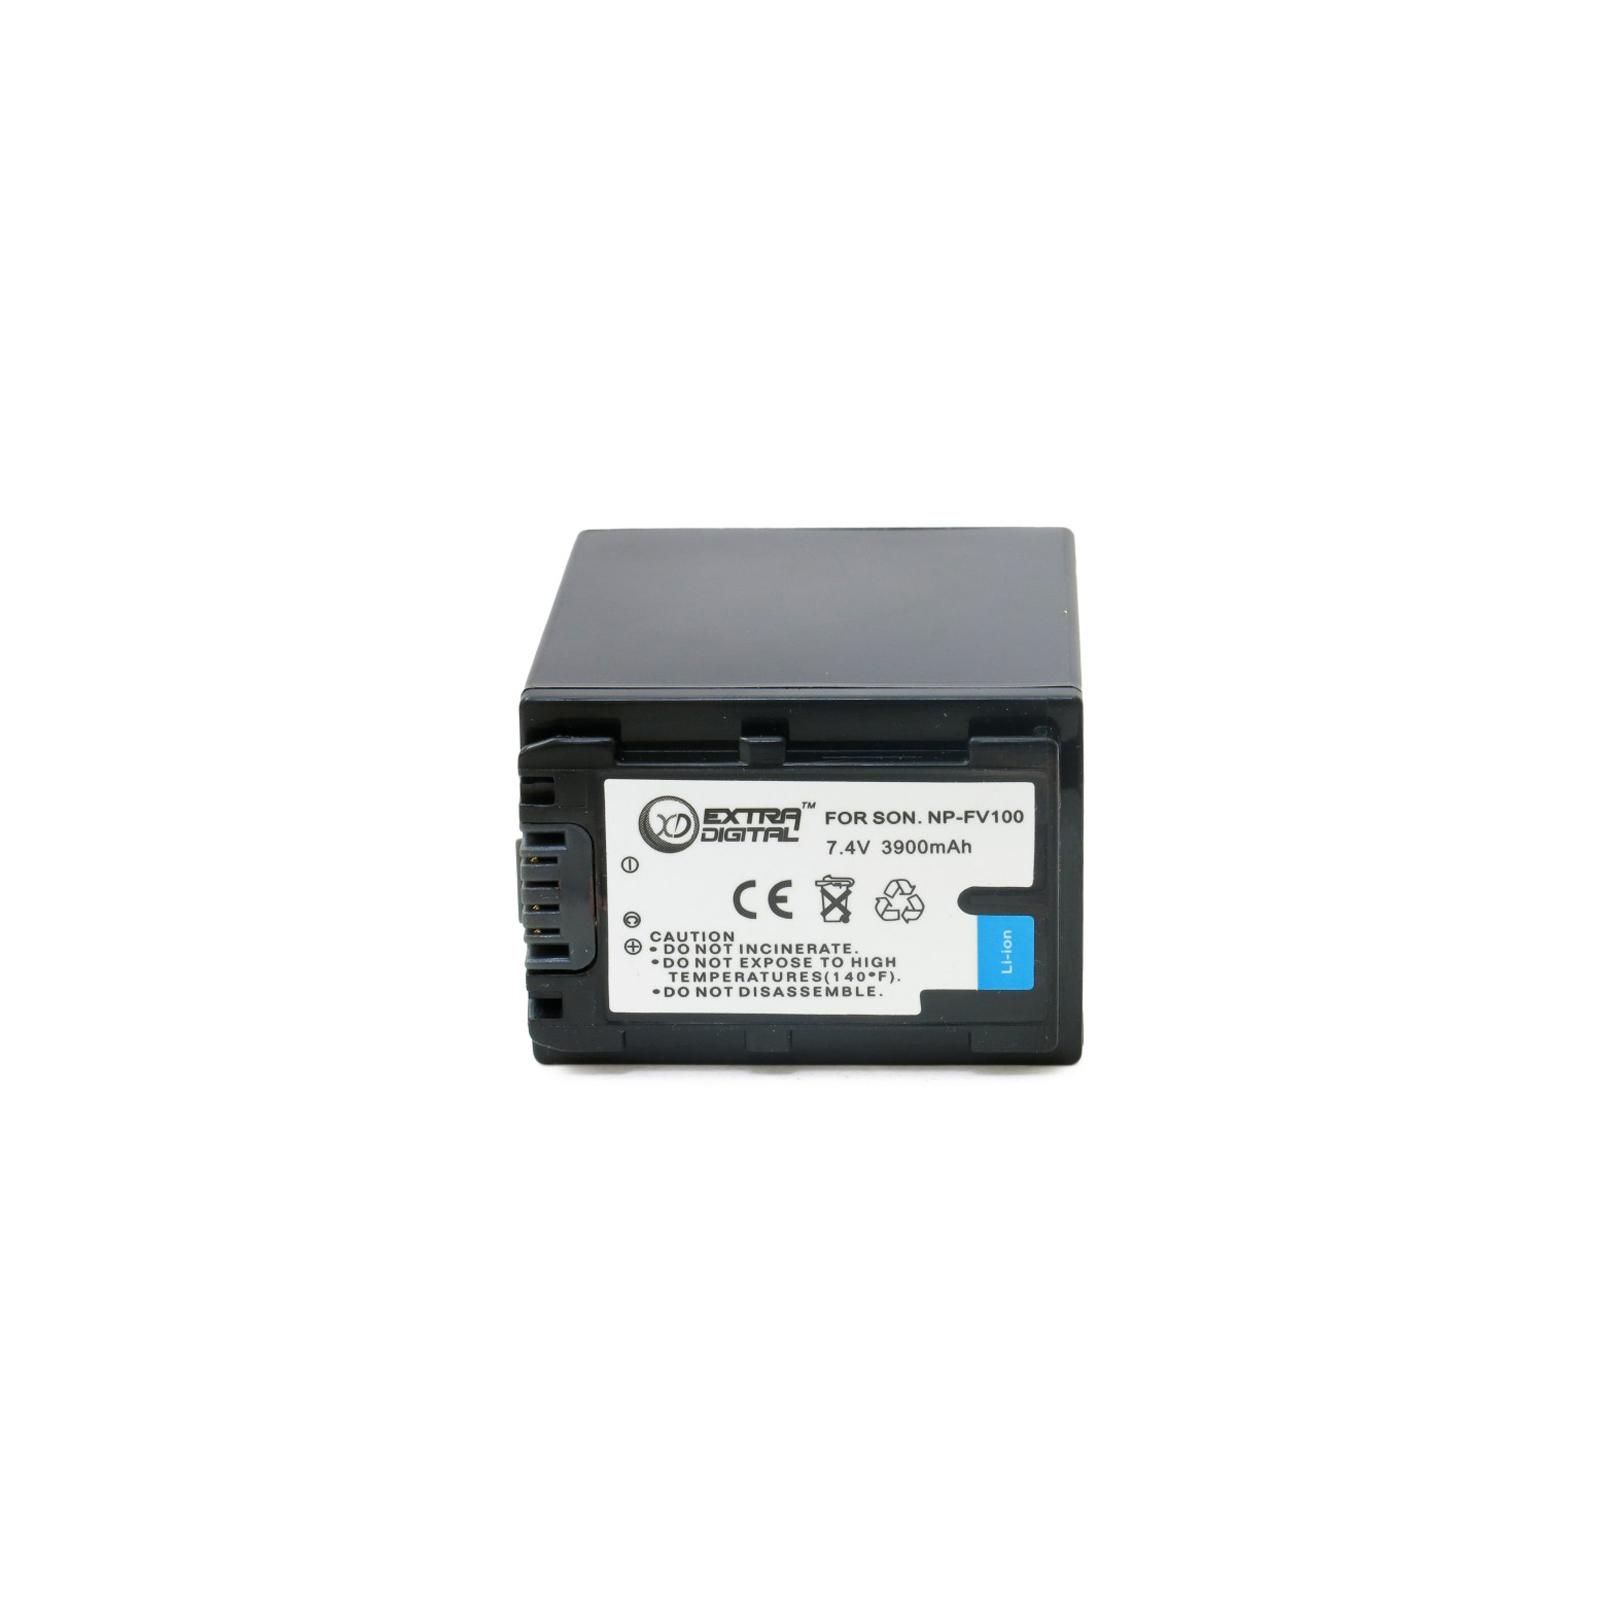 Аккумулятор к фото/видео EXTRADIGITAL Sony NP-FV100 (BDS2674 / DV00DV1271) изображение 3